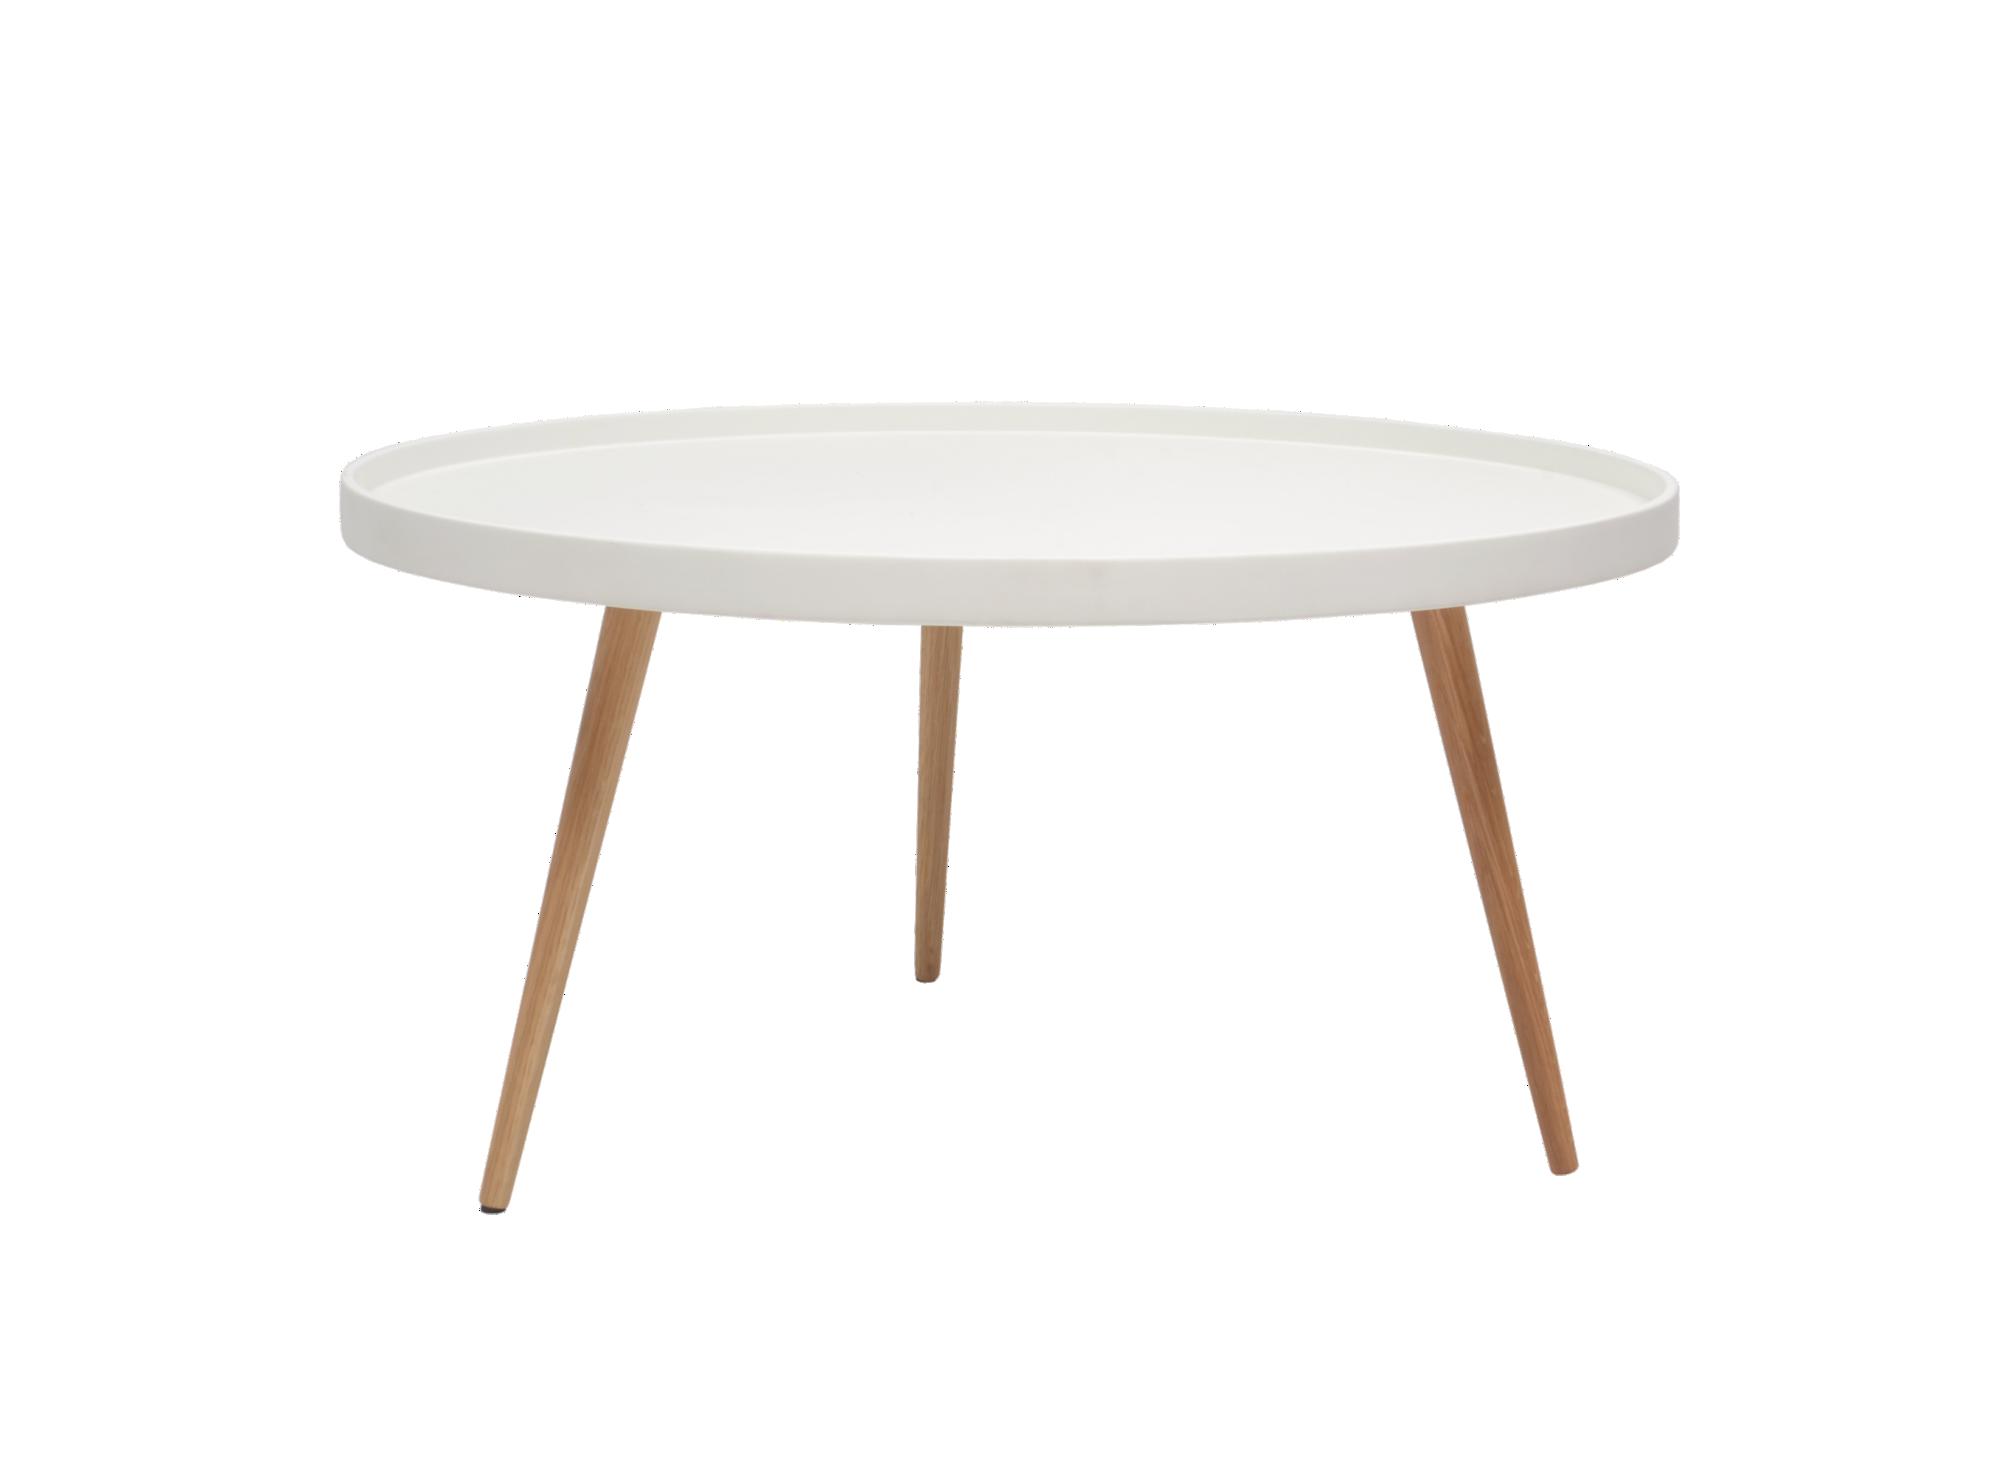 Table Basse Planche Bois Avec Quel Bois Pour Salle De Bain